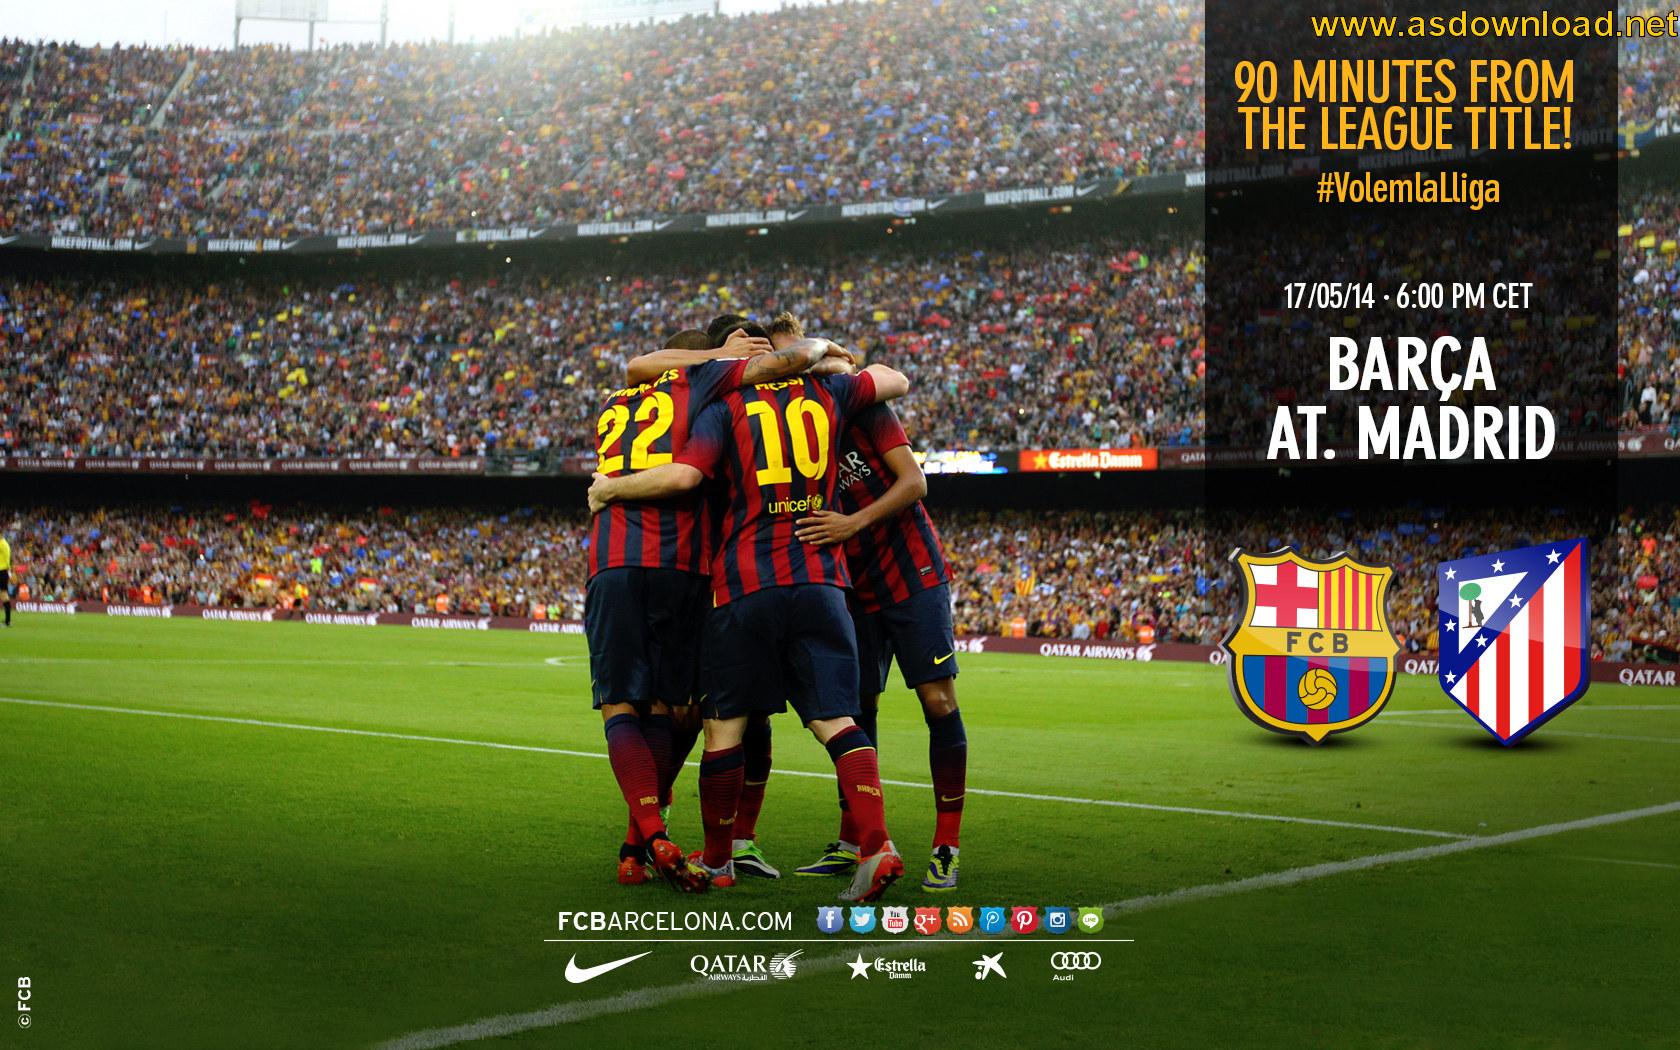 دانلود سری جدید والپیپر تیم بارسلونا